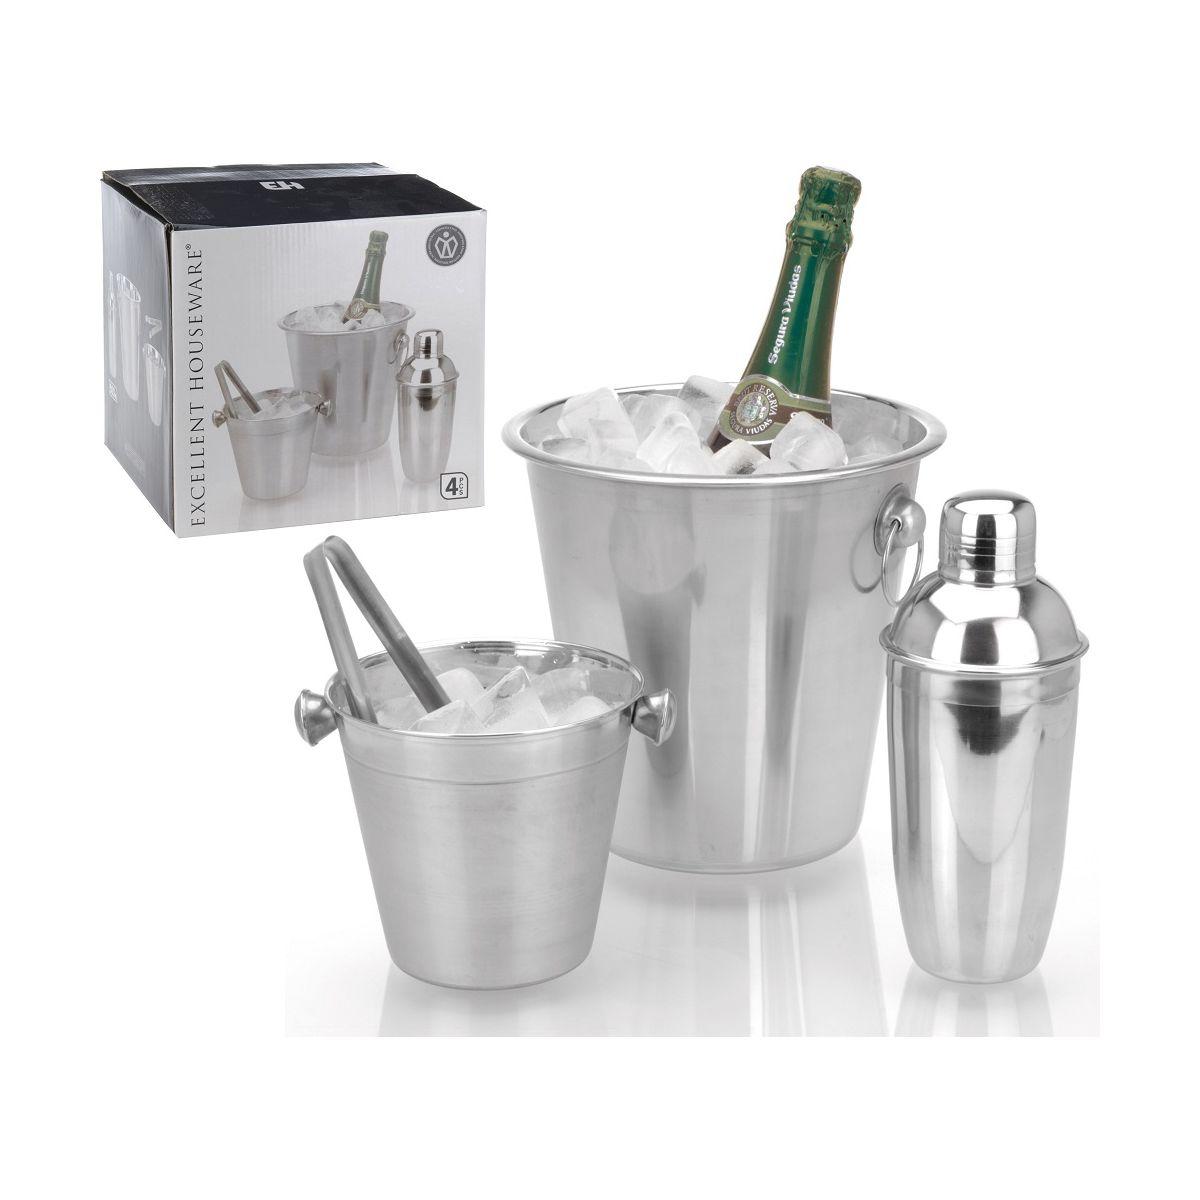 Набор коктейльный: шейкер, ведро д/шампанского/вина, щипцышейкер д/ коктейля (ёмк. 500 мл), ведро для охлаждения шампанского/вина, щипцы (дл. 12 см)<br>